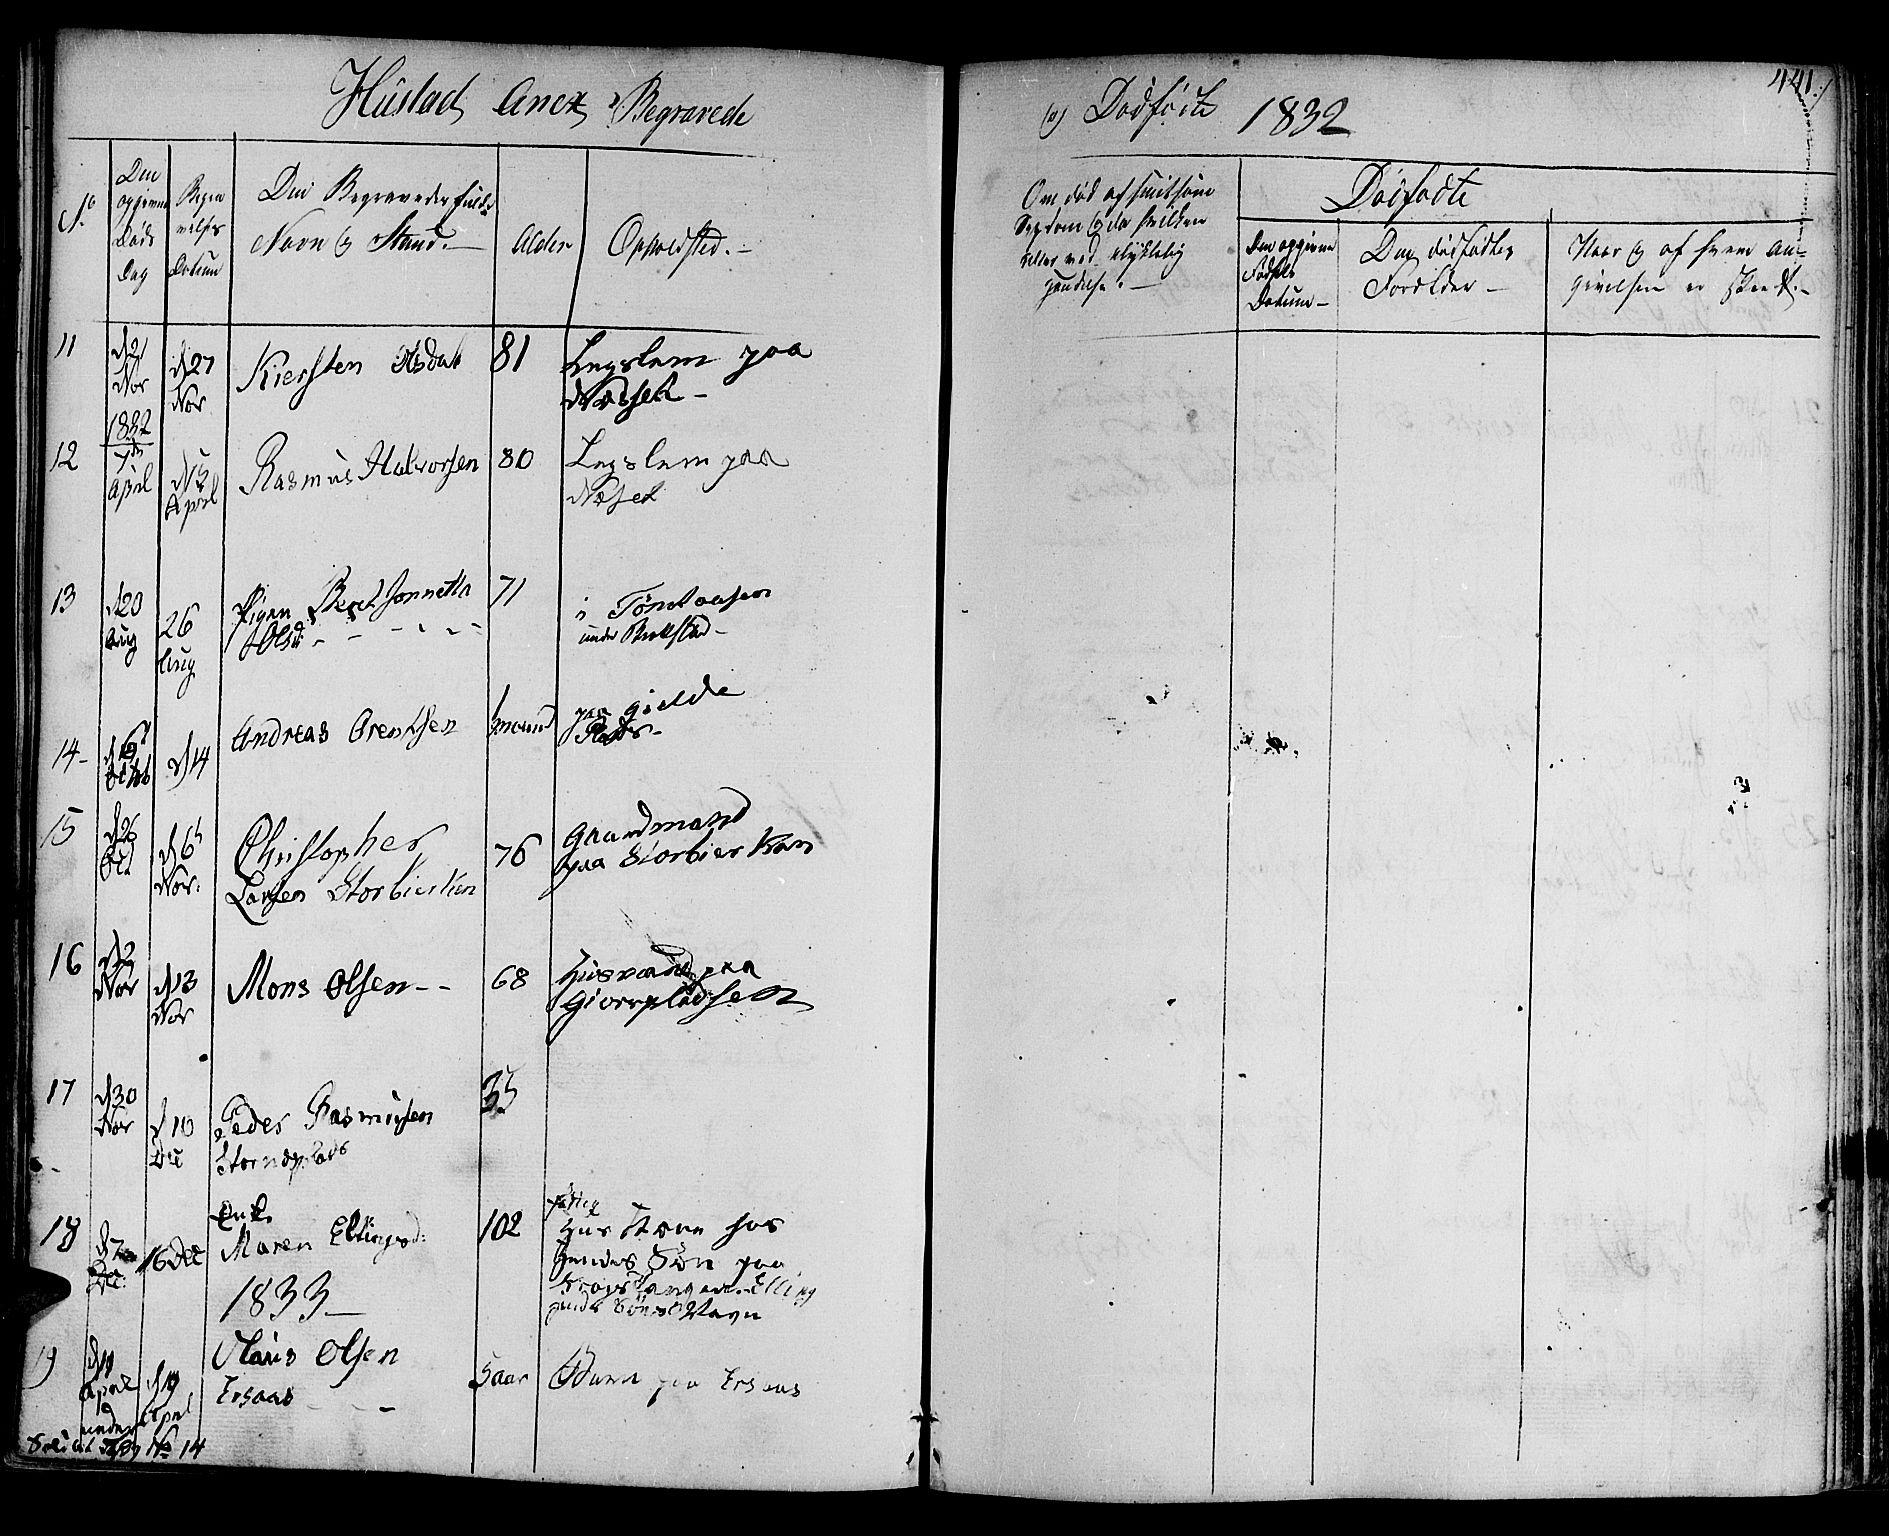 SAT, Ministerialprotokoller, klokkerbøker og fødselsregistre - Nord-Trøndelag, 730/L0277: Ministerialbok nr. 730A06 /3, 1830-1839, s. 441